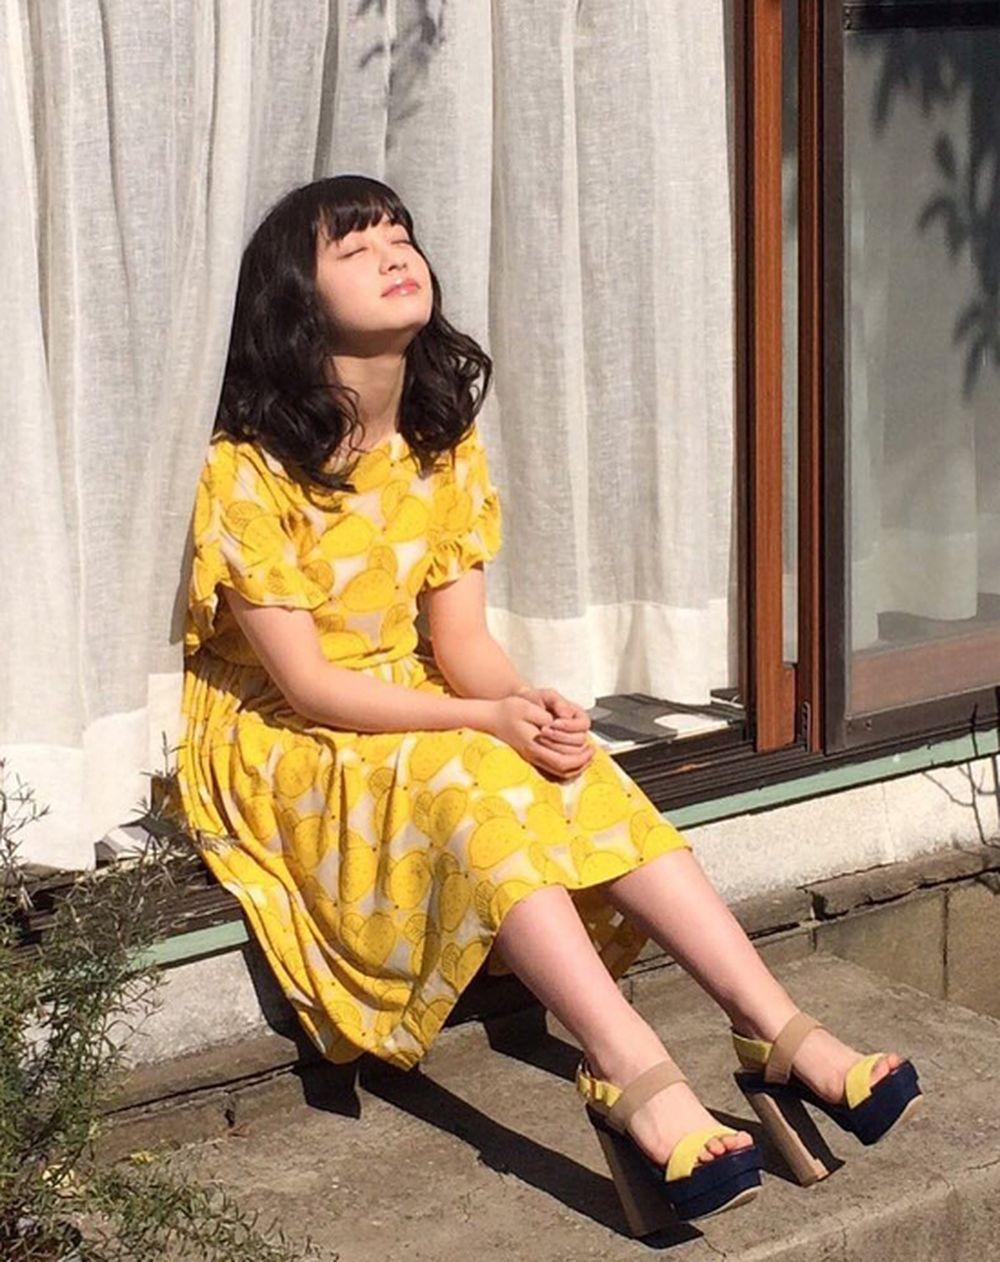 Kanna Hashimoto diện đồng phục nữ sinh.